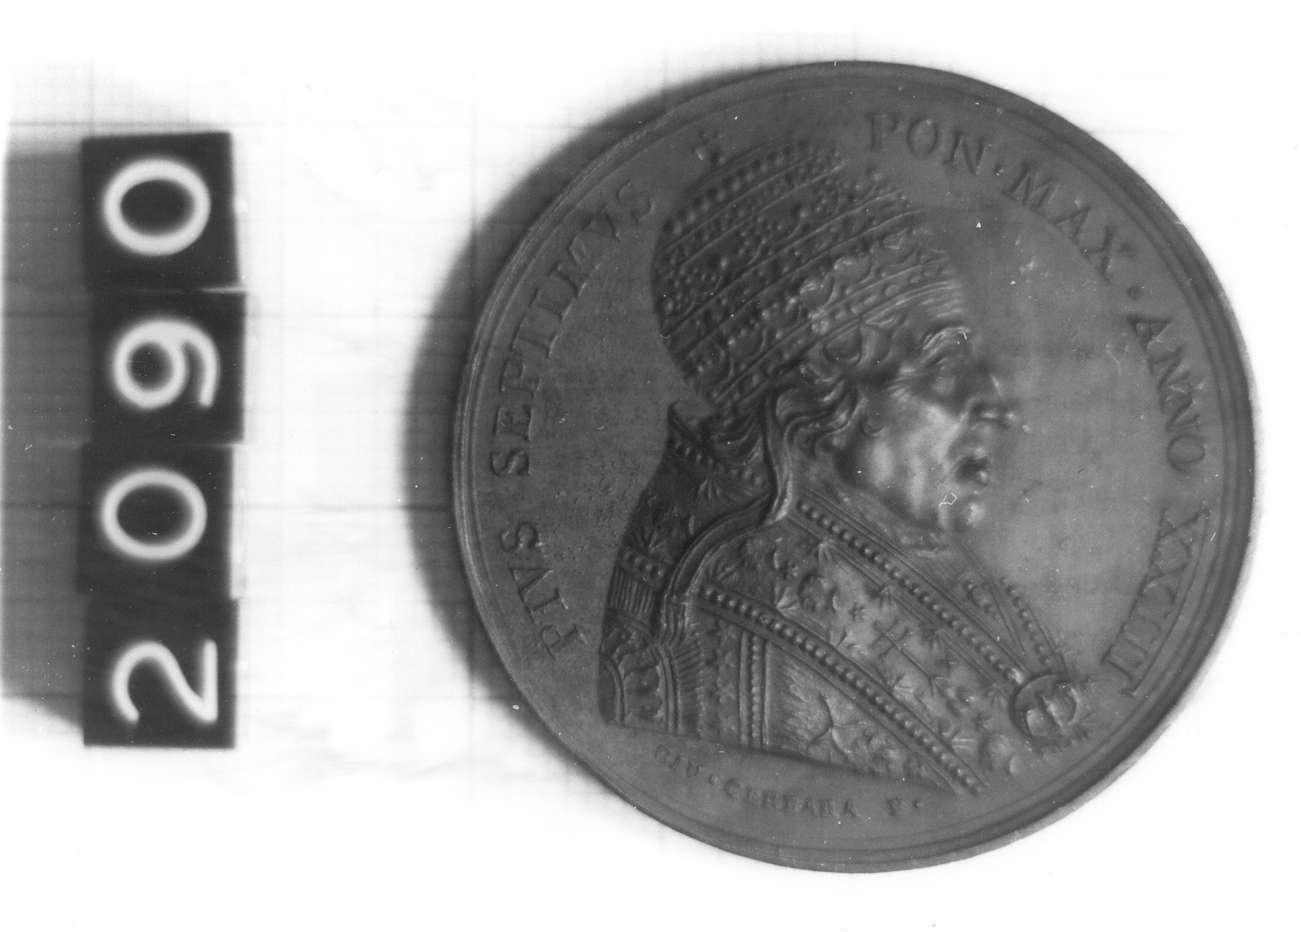 medaglia di Mercandetti Tommaso, Cerbara Giuseppe (sec. XIX d.C)